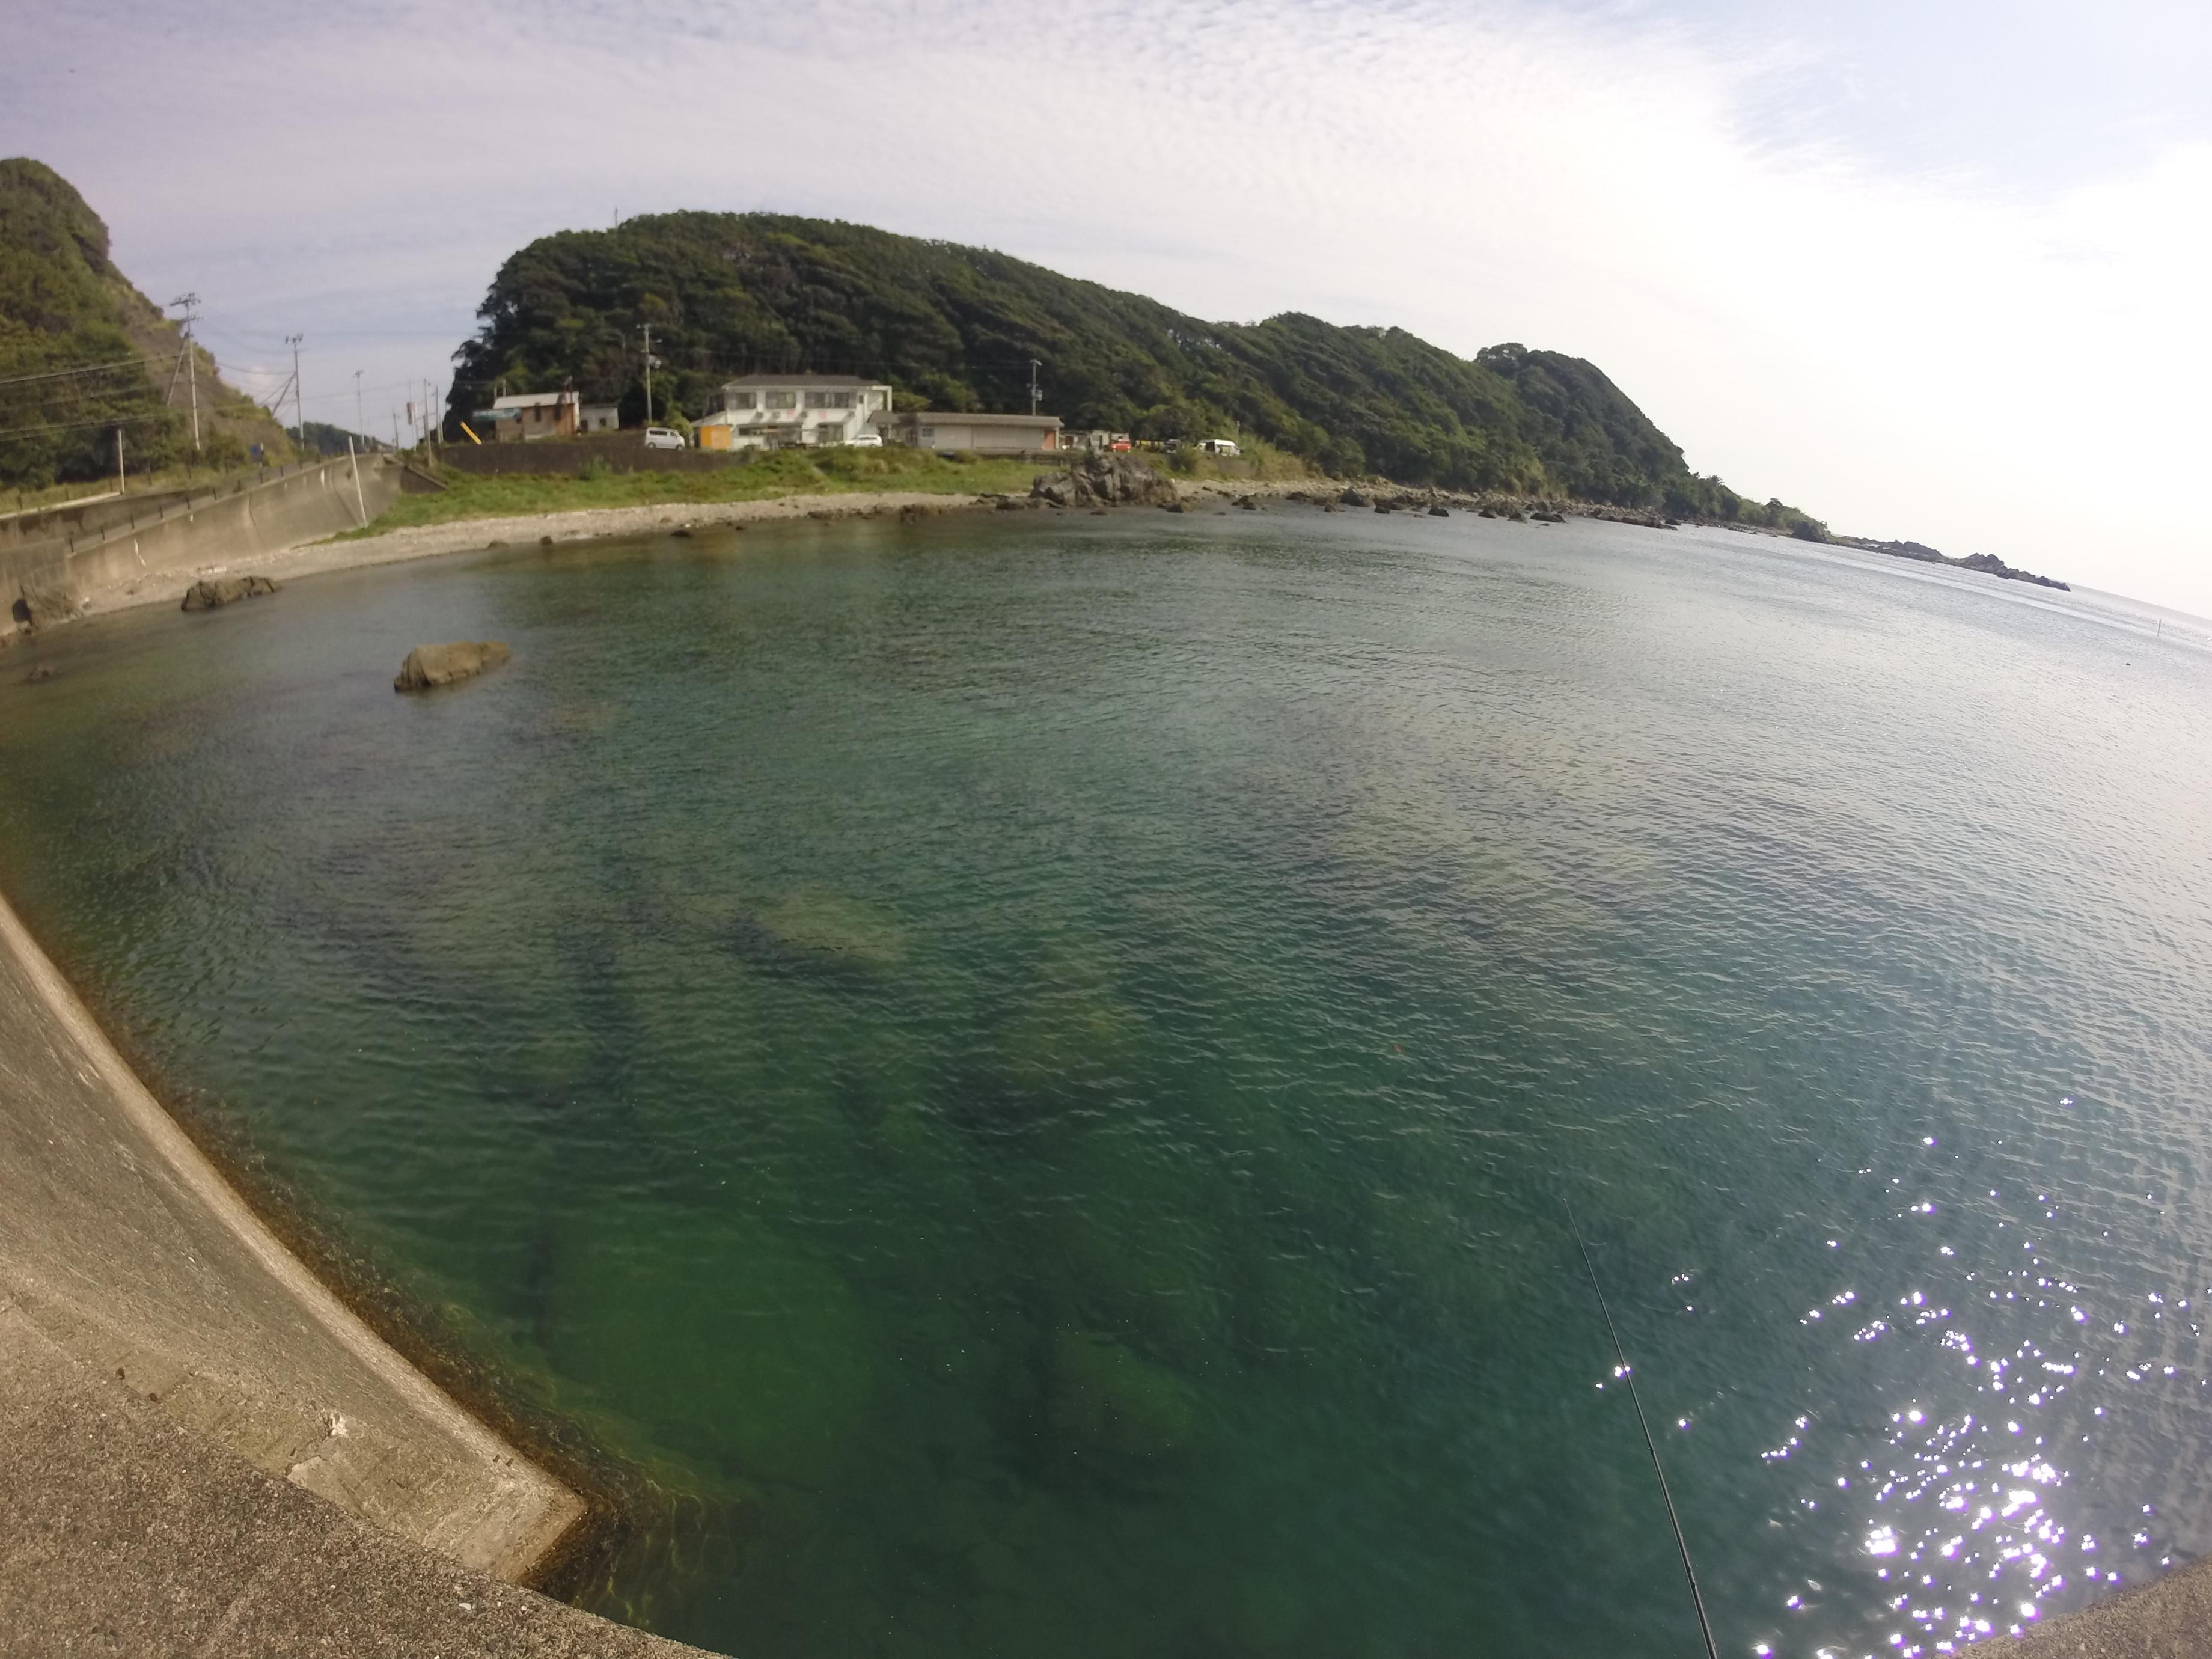 田並漁港の釣り場紹介、和歌山南紀のエギングにオススメのシャローもゴロタも常夜灯もある漁港(釣り禁止)